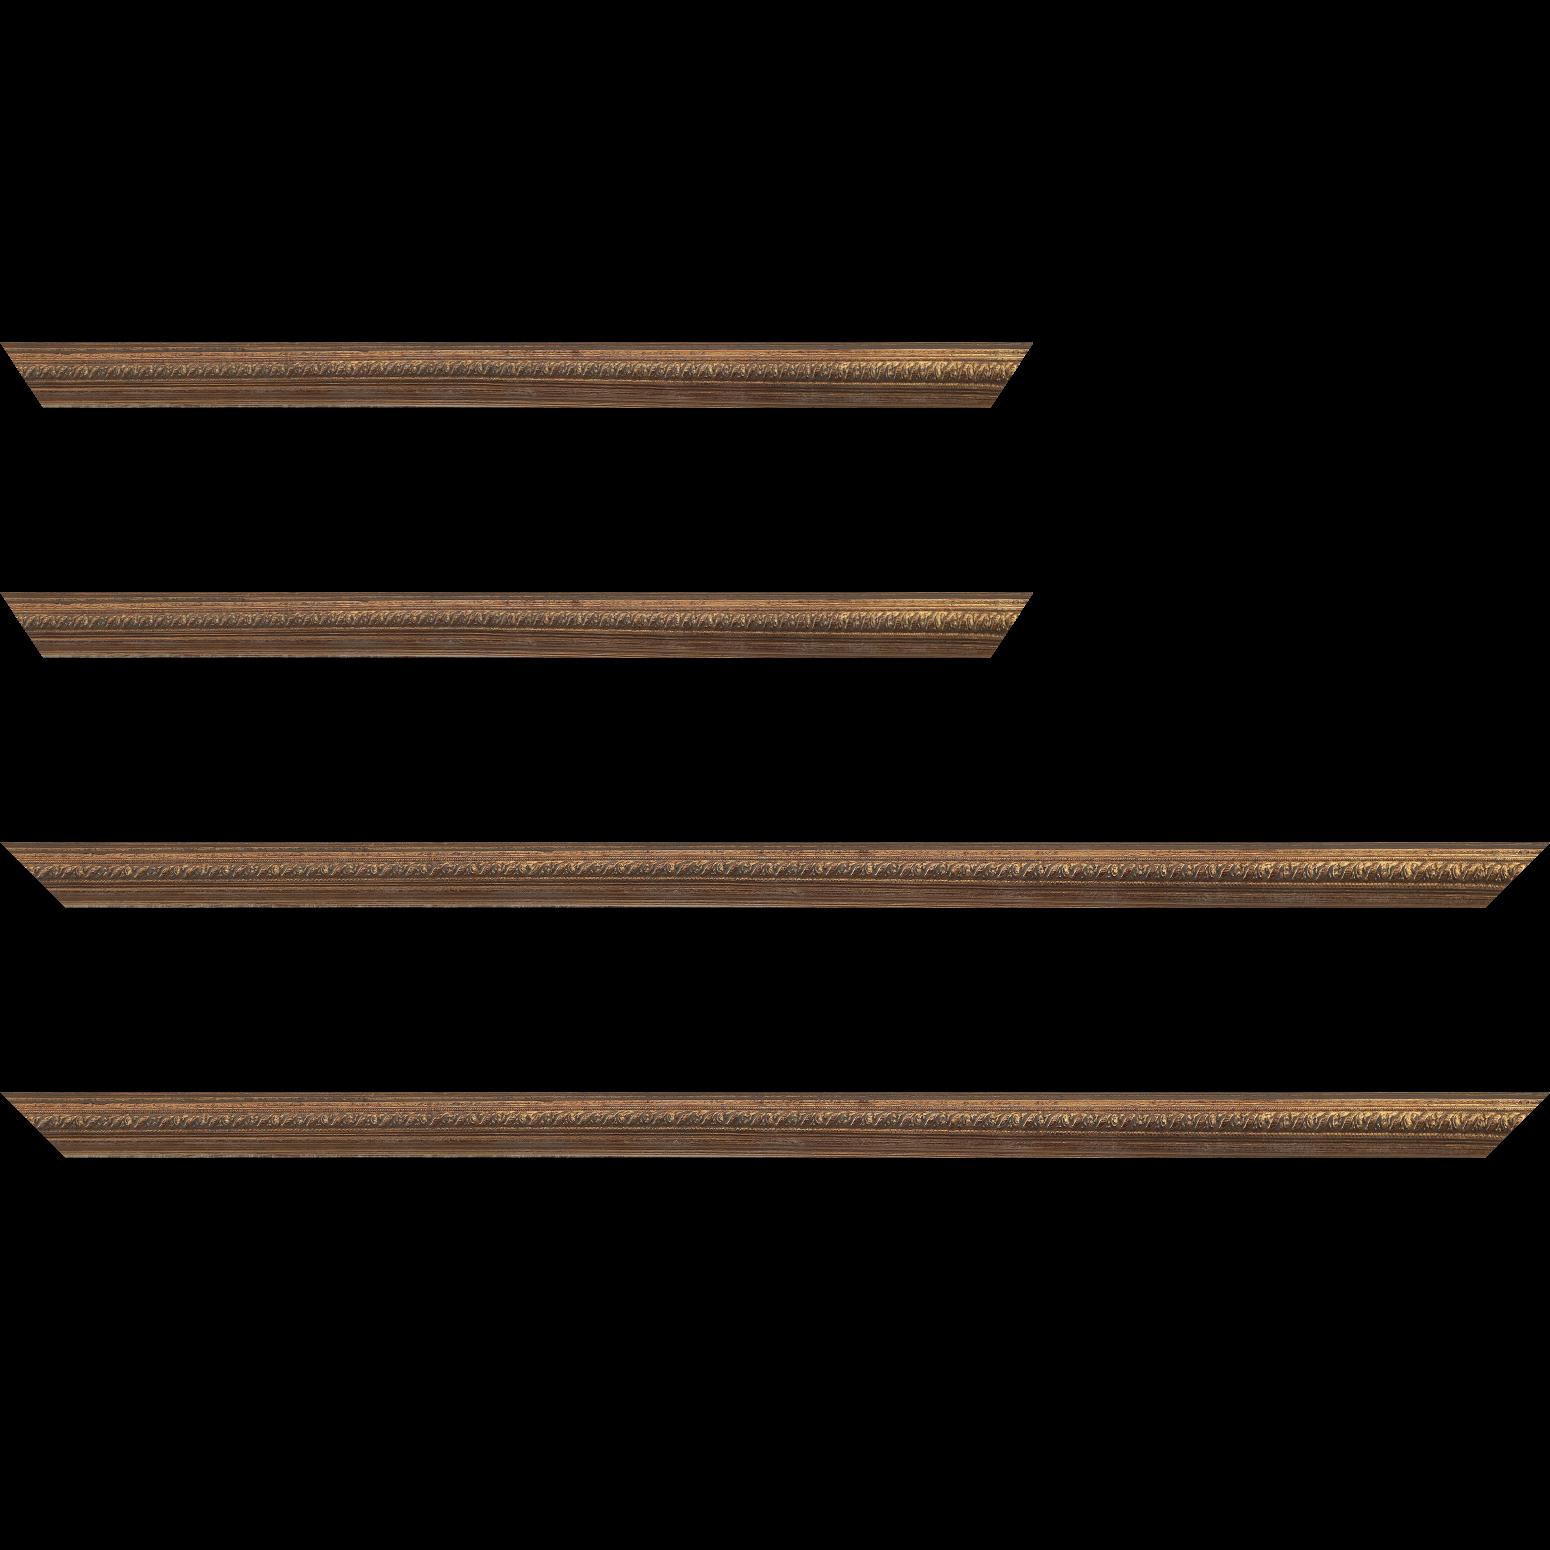 Baguette service précoupé Bois profil bombé largeur 2cm or antique style